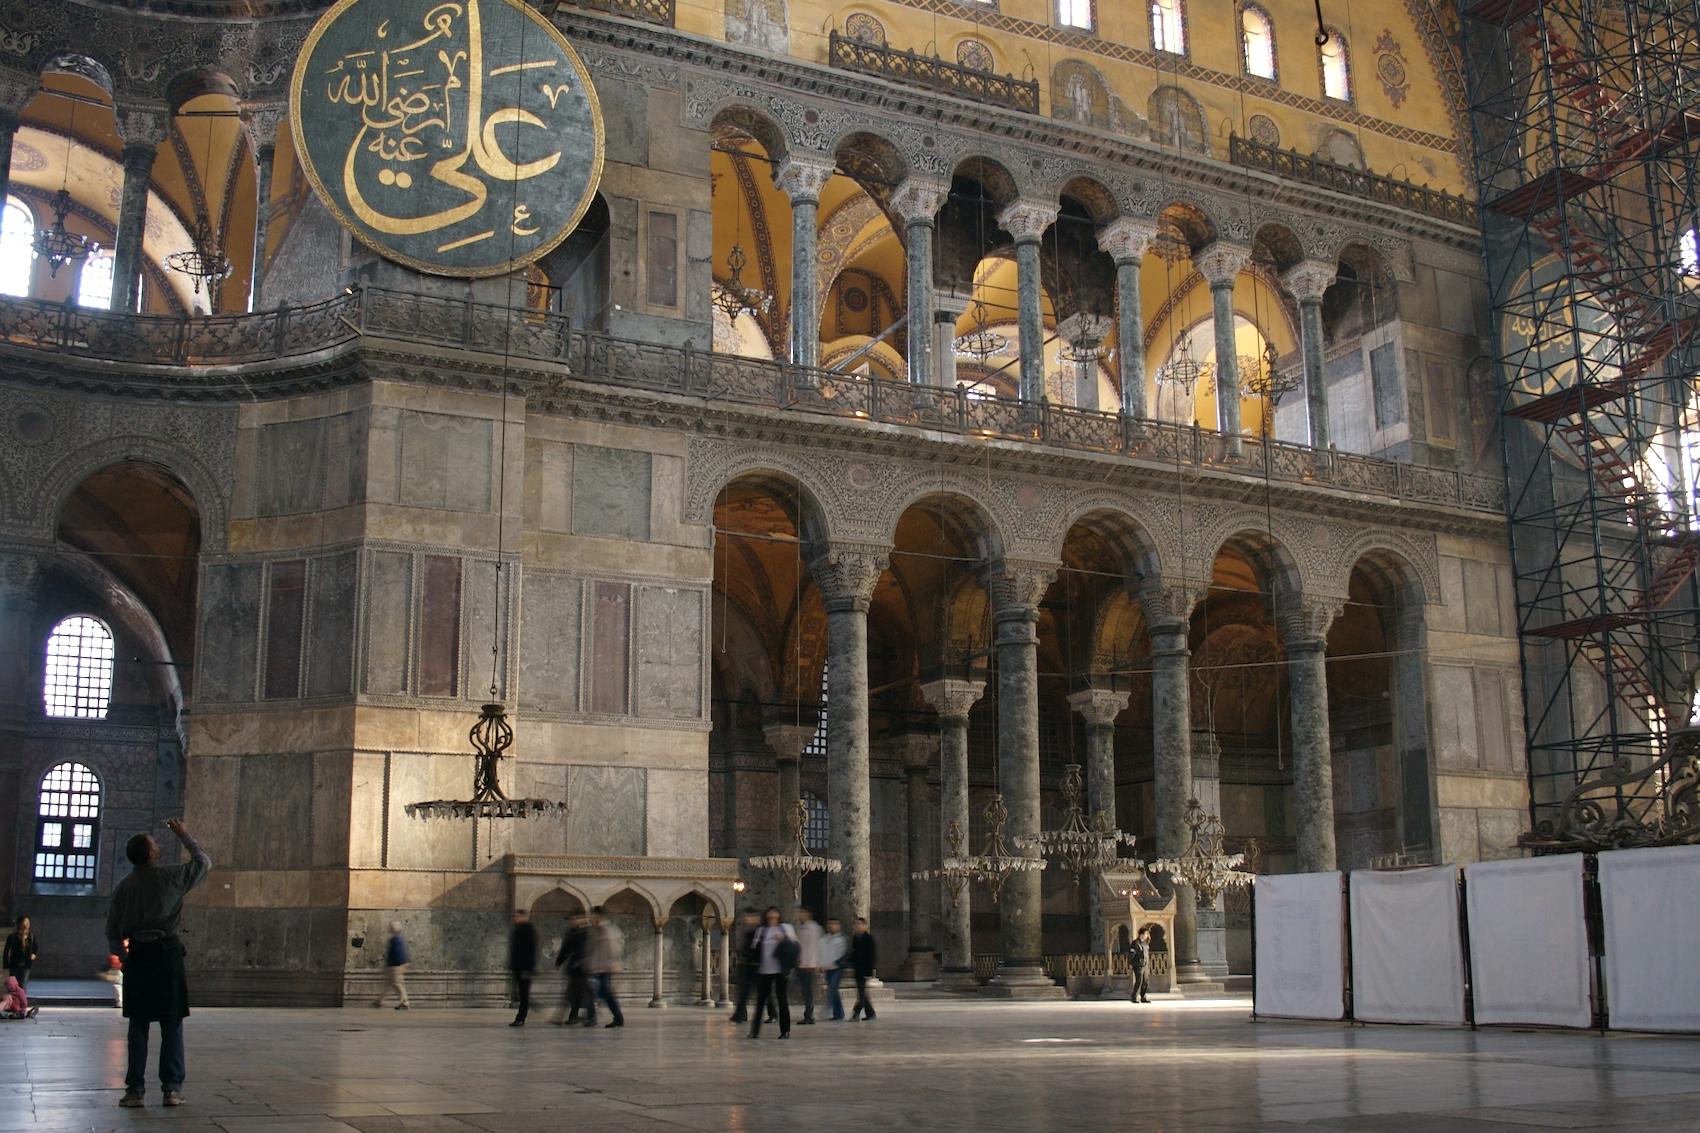 ISTANBUL, TURKEY - DECEMBER 13, 2015: The Hagia Sophia ...   Hagia Sophia Interior Columns